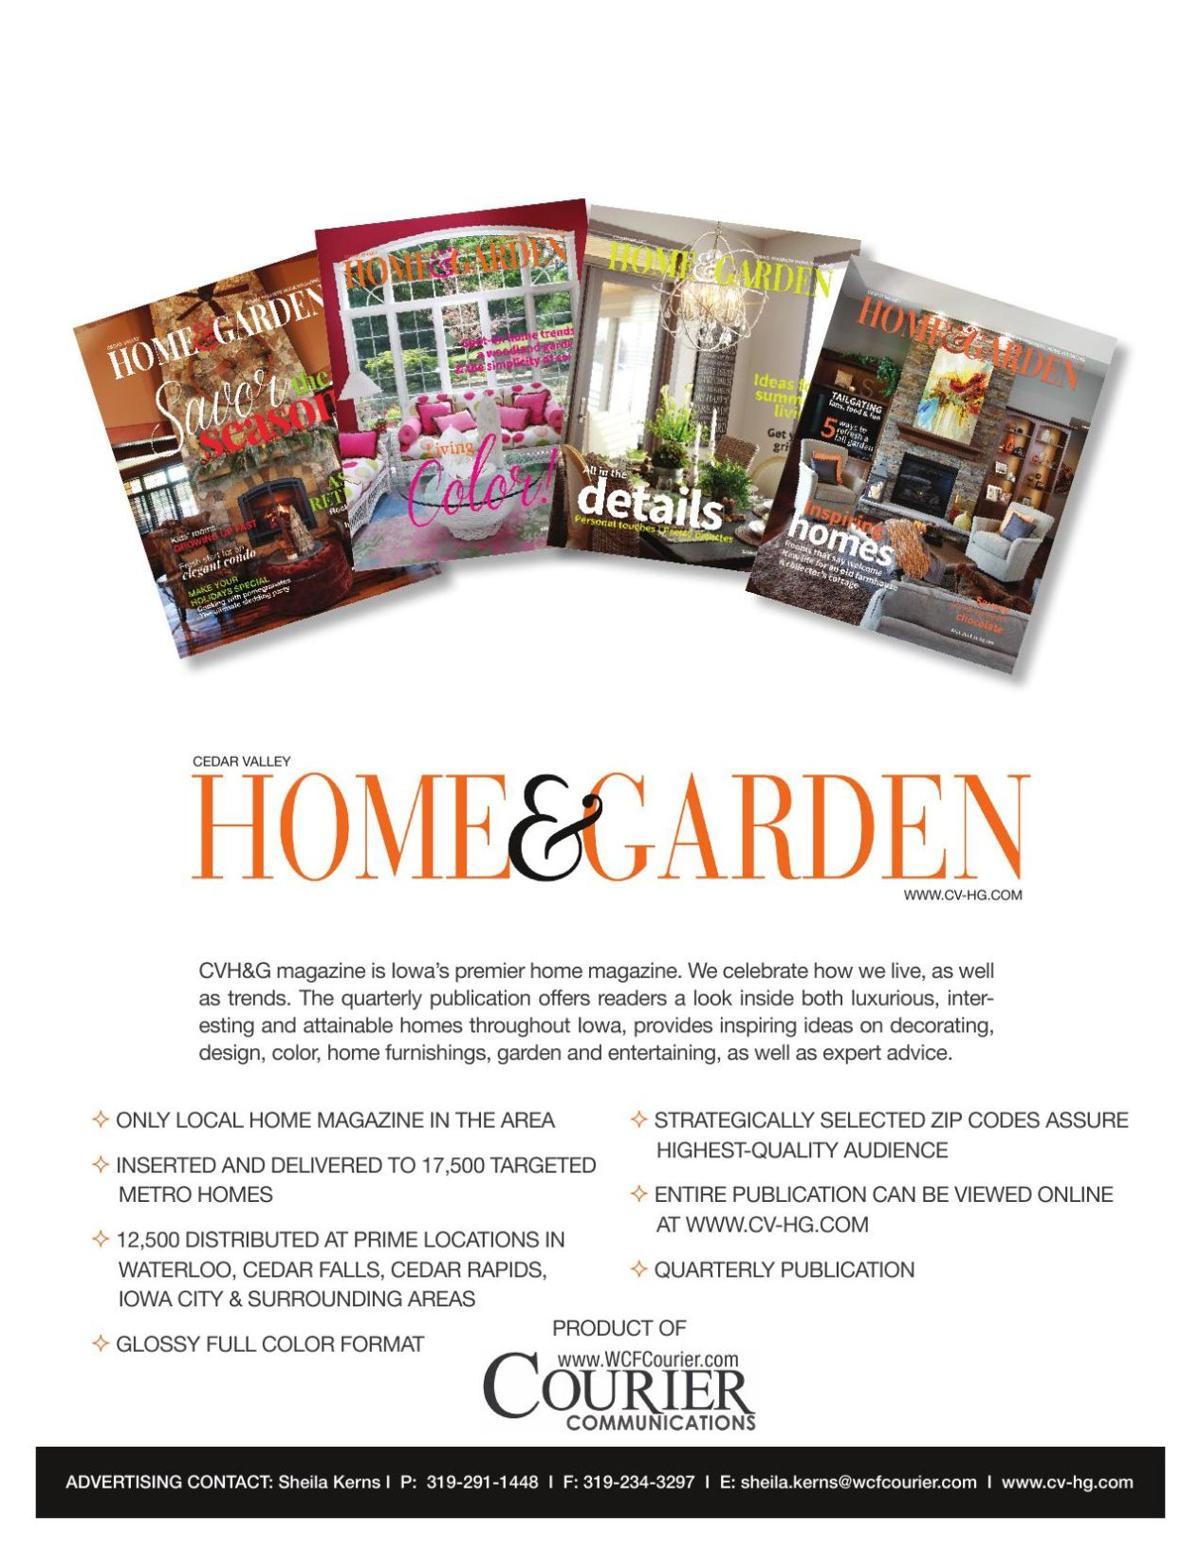 Home & Garden Rates